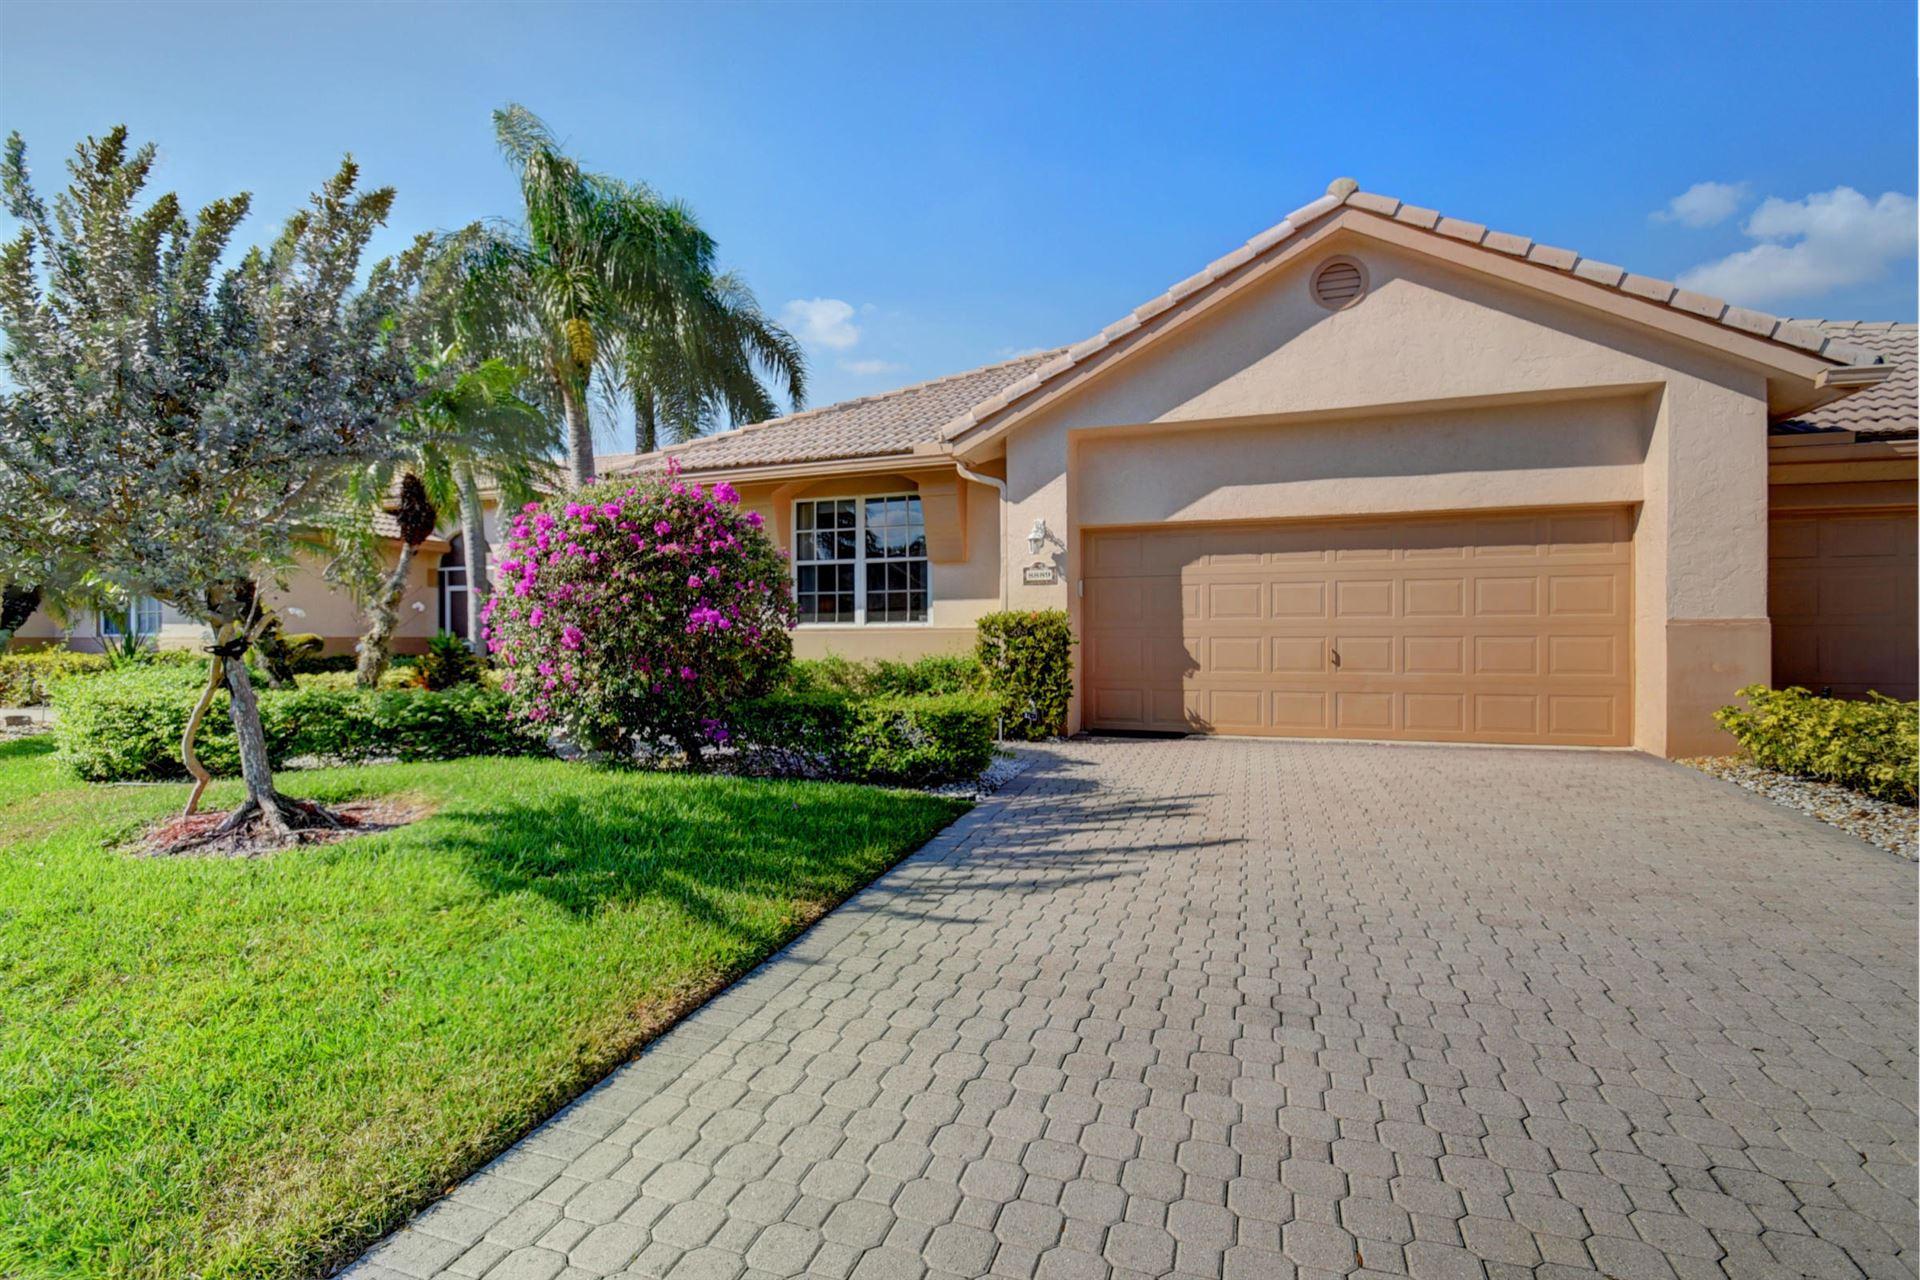 8889 Shoal Creek Lane, Boynton Beach, FL 33472 - #: RX-10605343